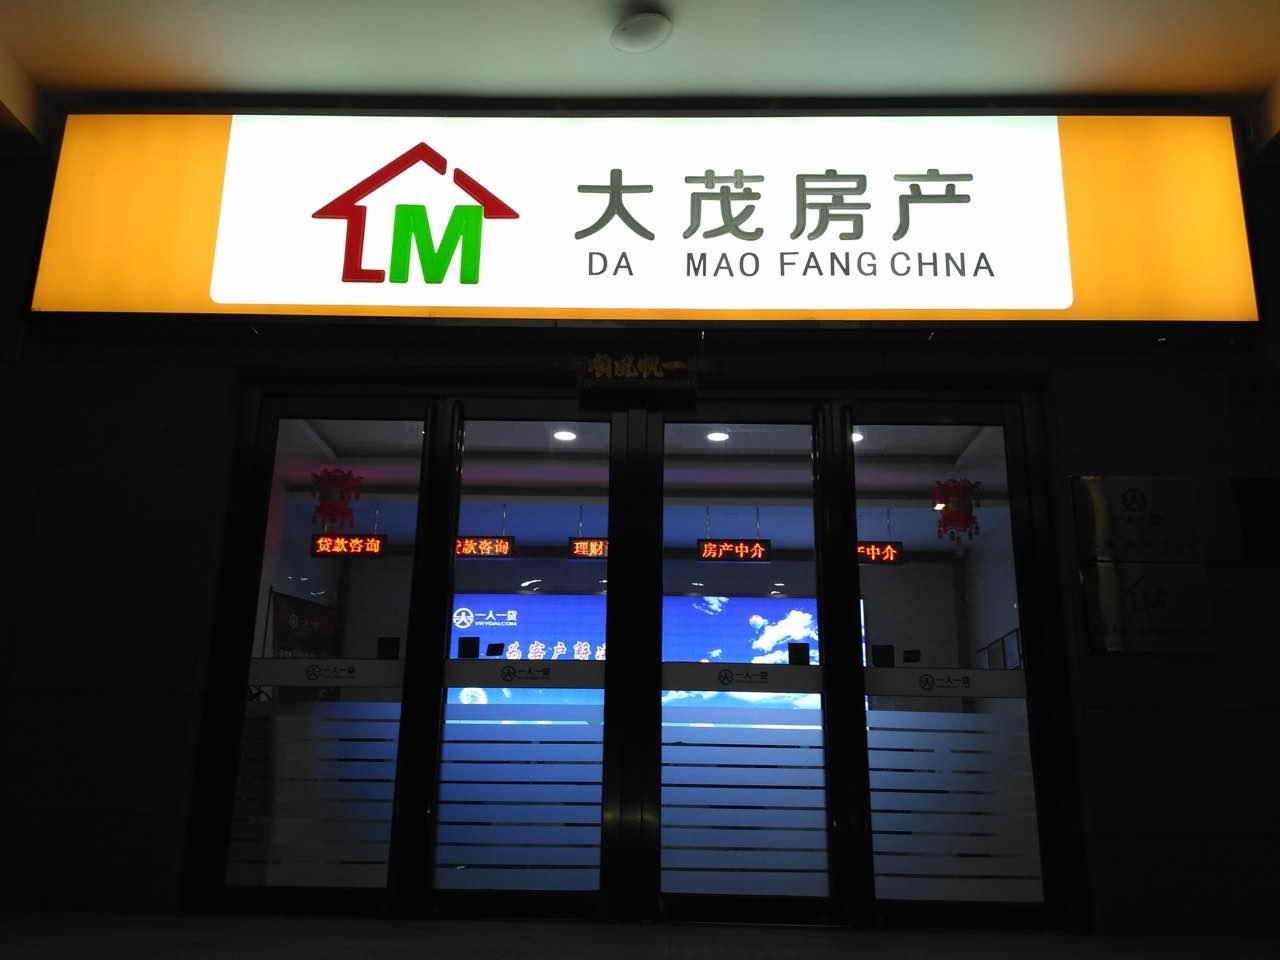 北京大茂房地产经纪有限公司